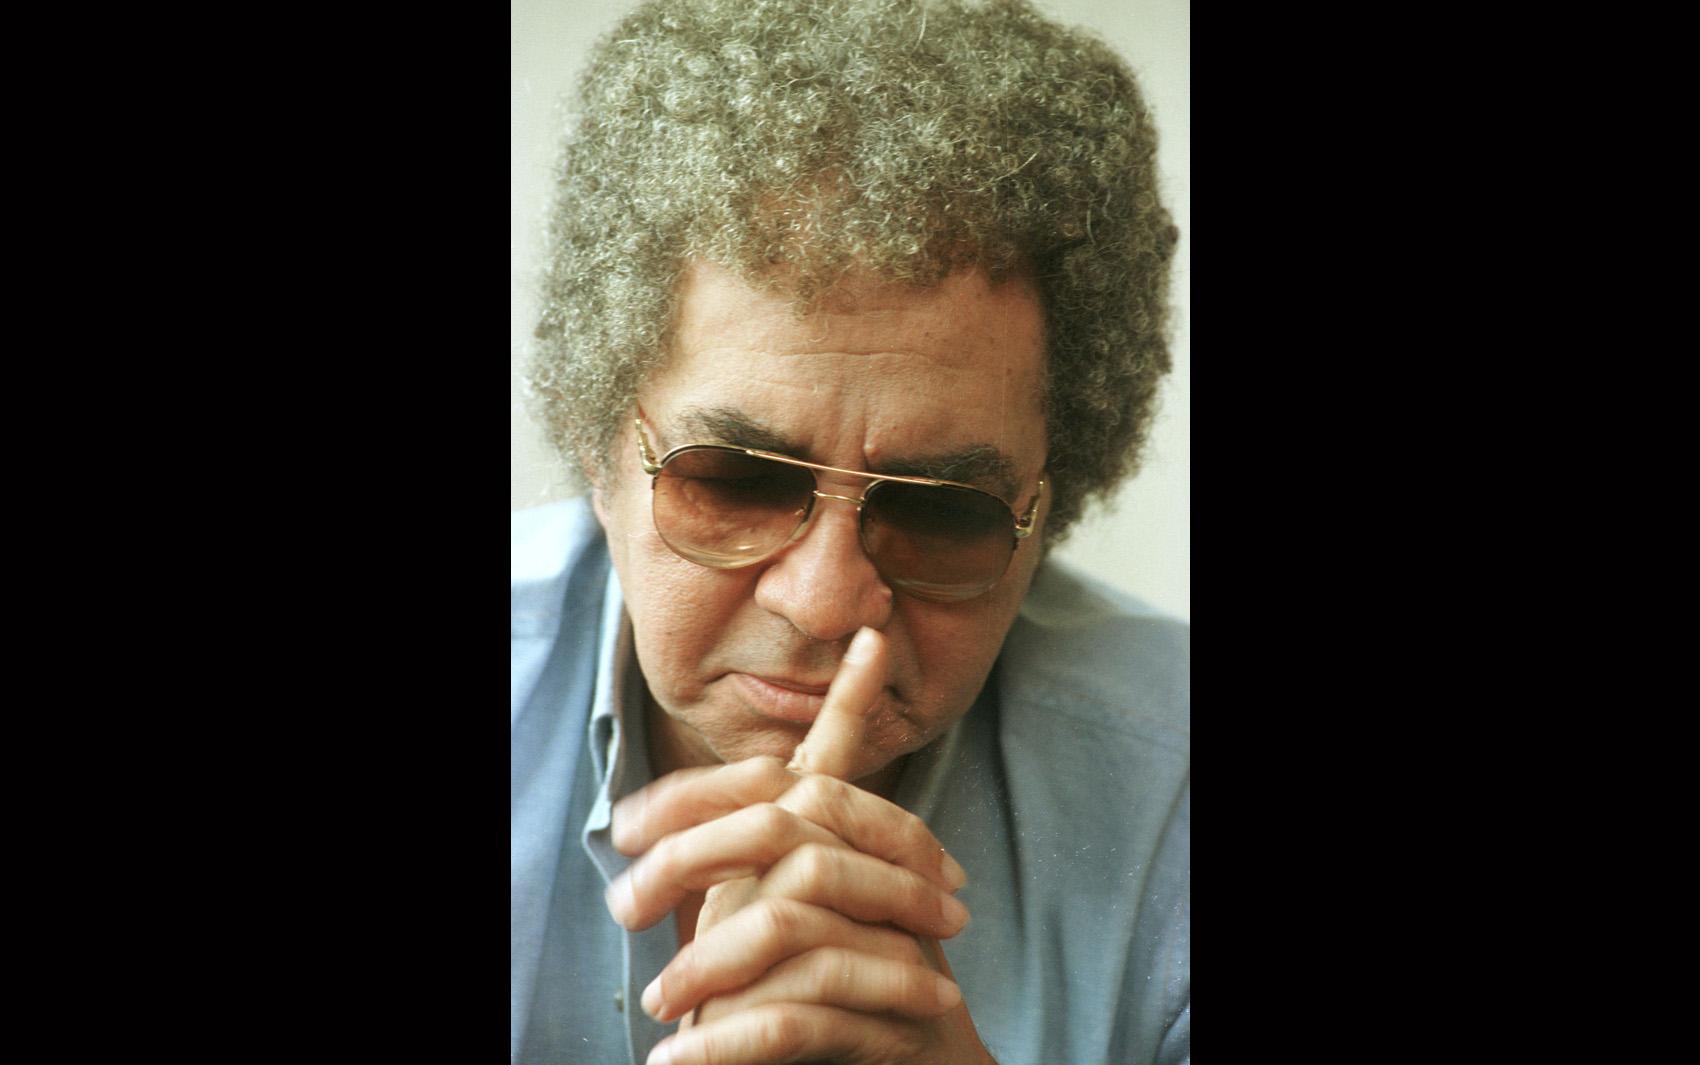 Foto de arquivo de 1999 mostra o cantor Reginaldo Rossi durante entrevista na capital paulista.